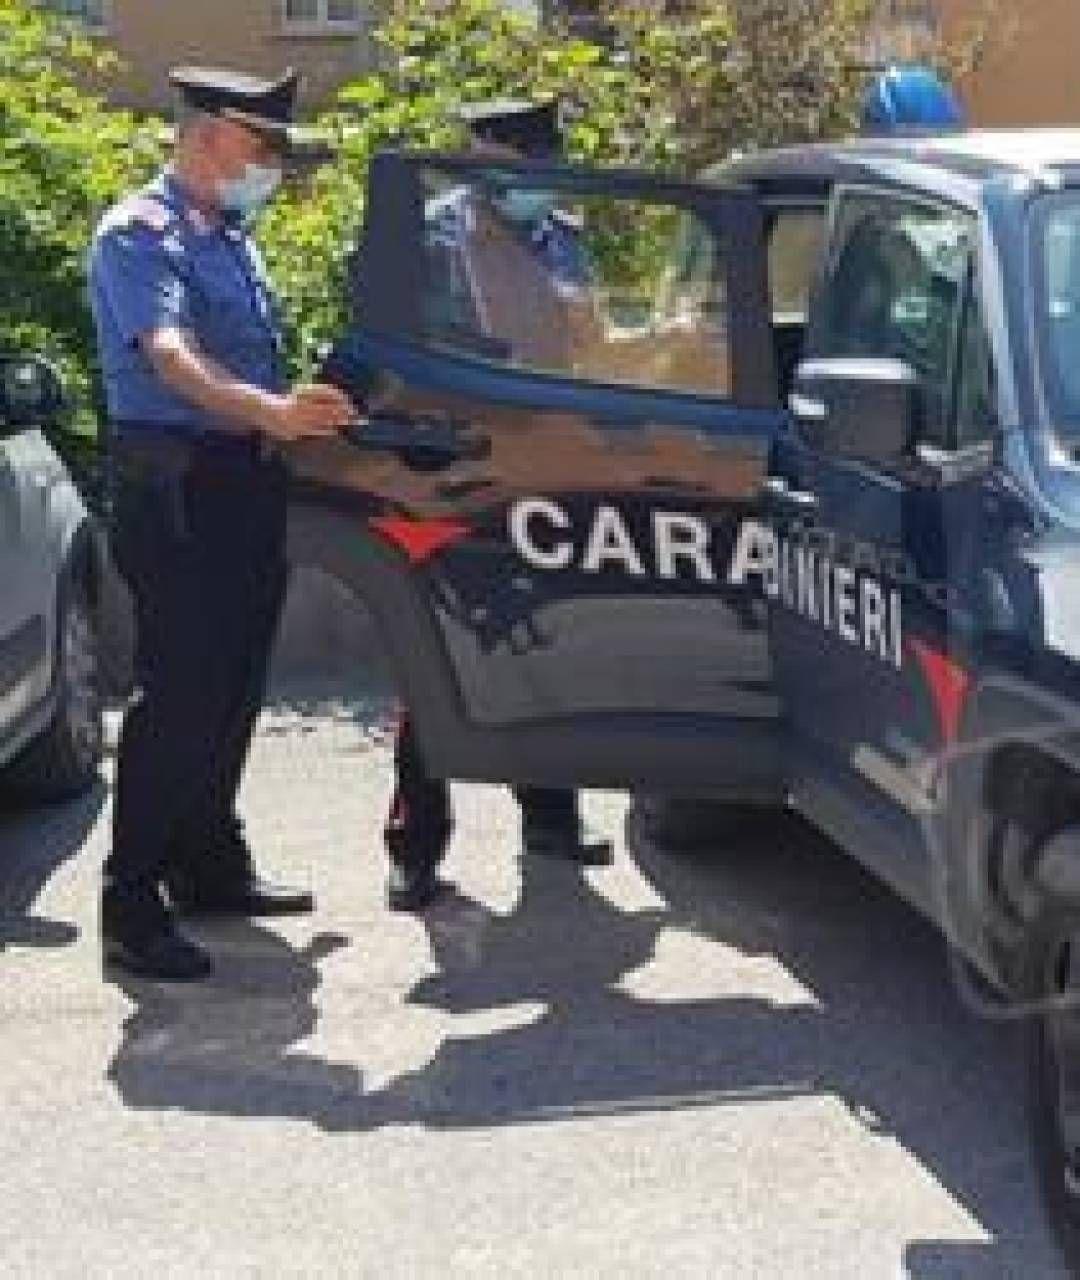 Dopo la segnalazione della vicina i carabinieri sono stati obbligati a effettuare una perquisizione in casa